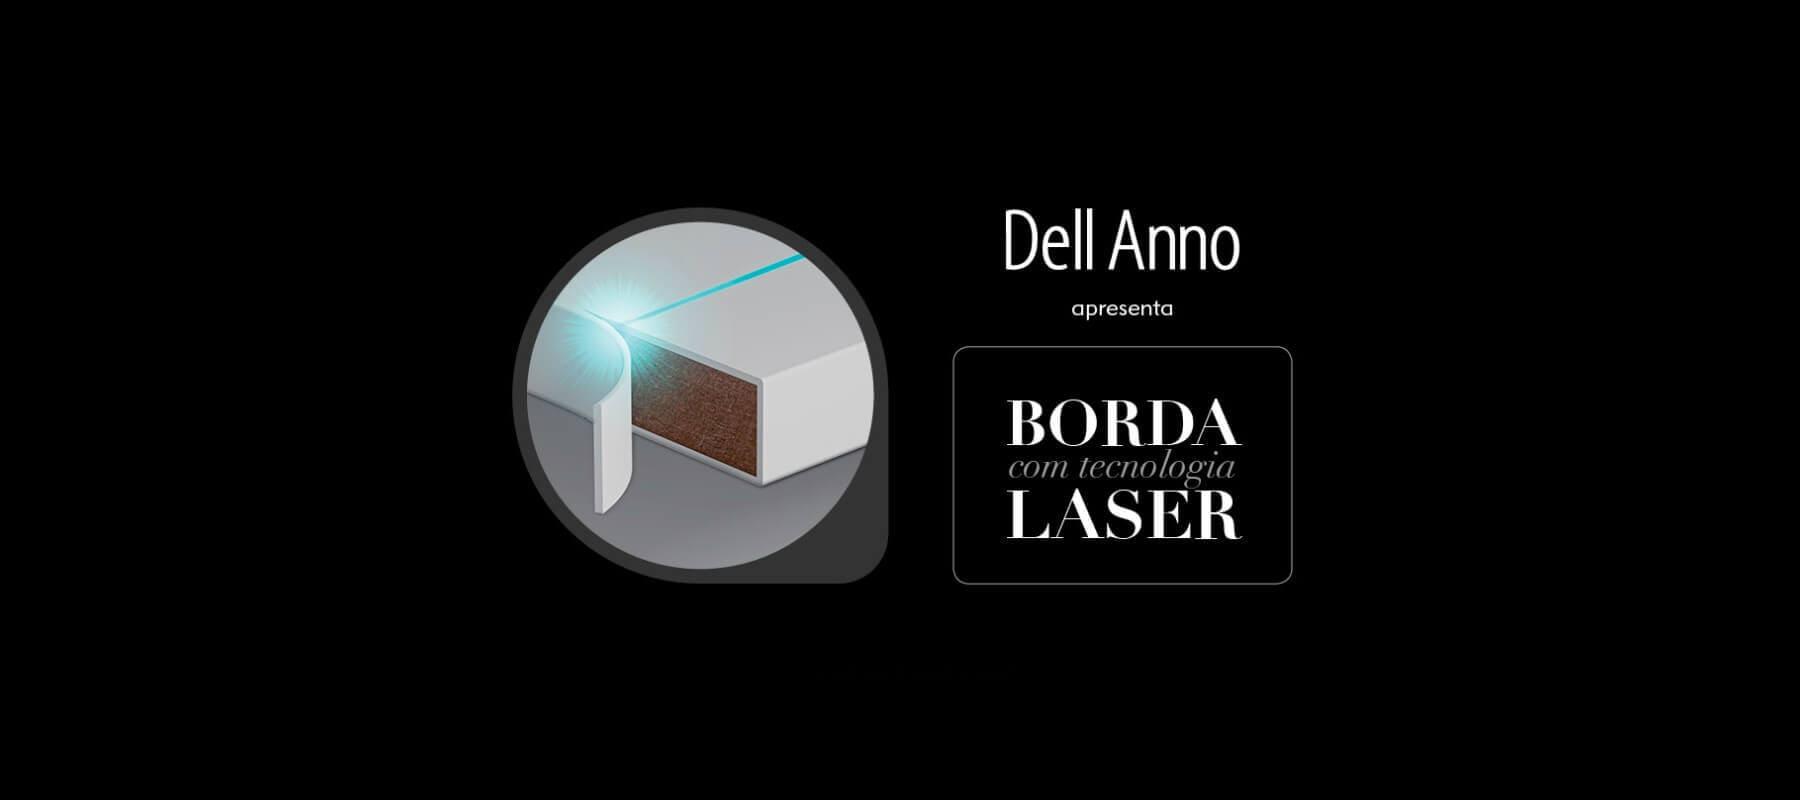 Borda Laser Dell Anno Curitiba Móveis Planejados